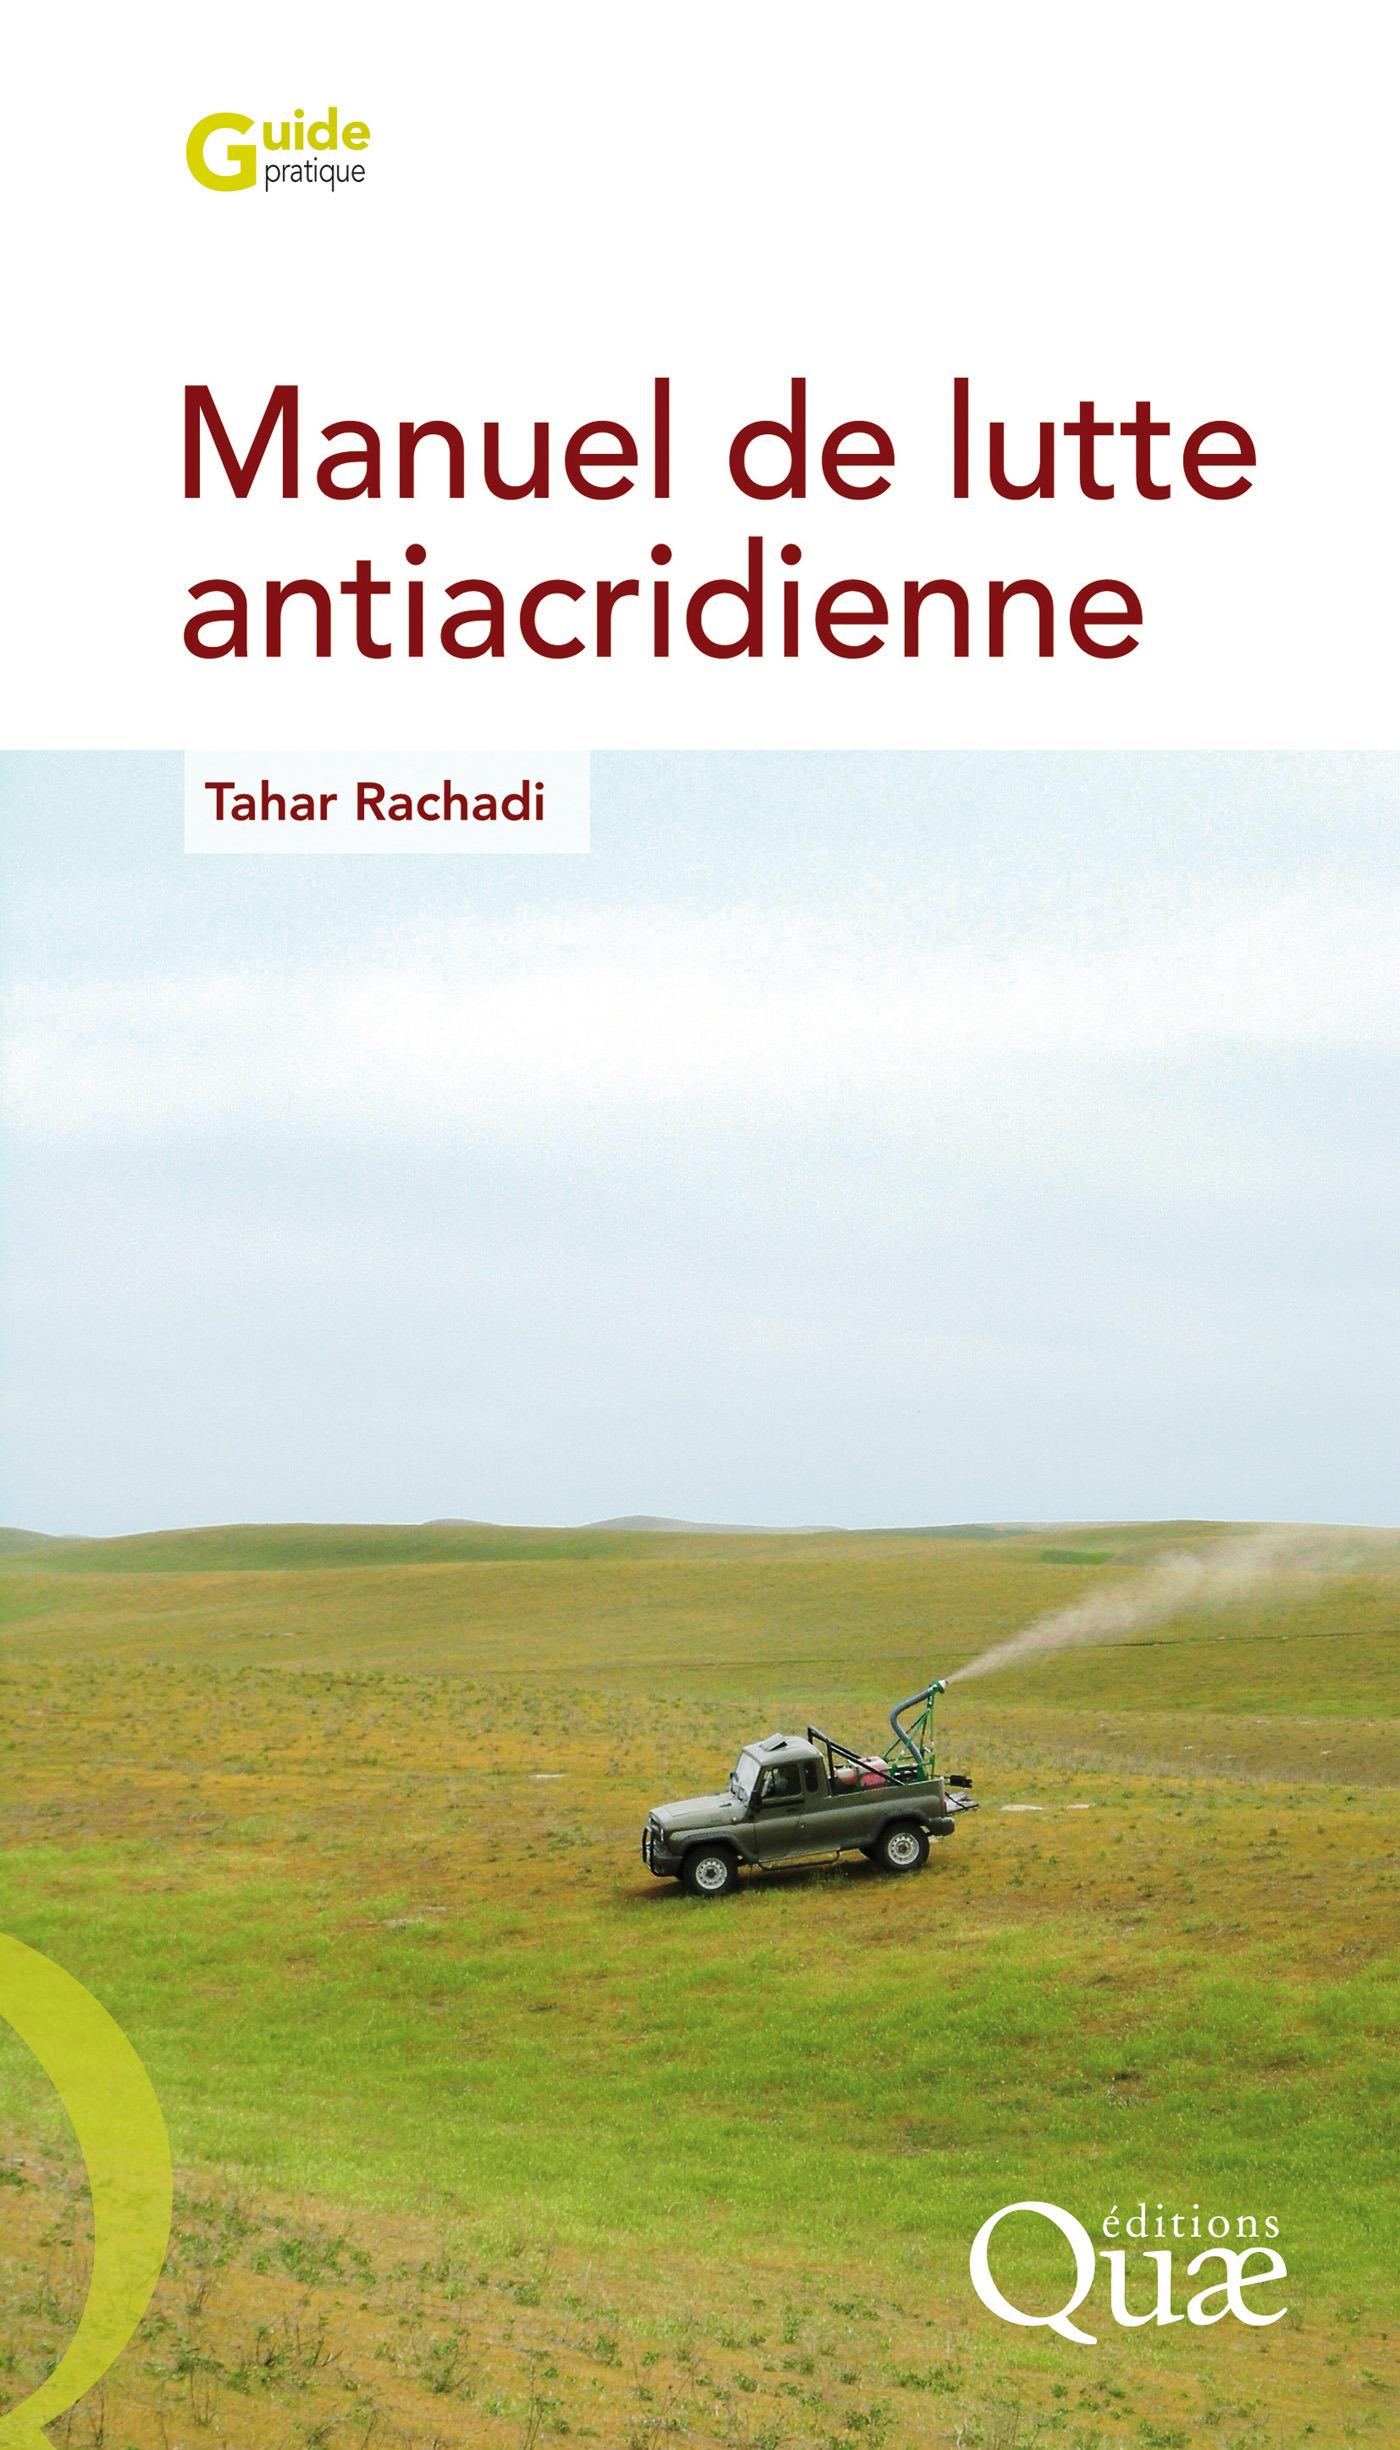 manuel de lutte antiacridienne